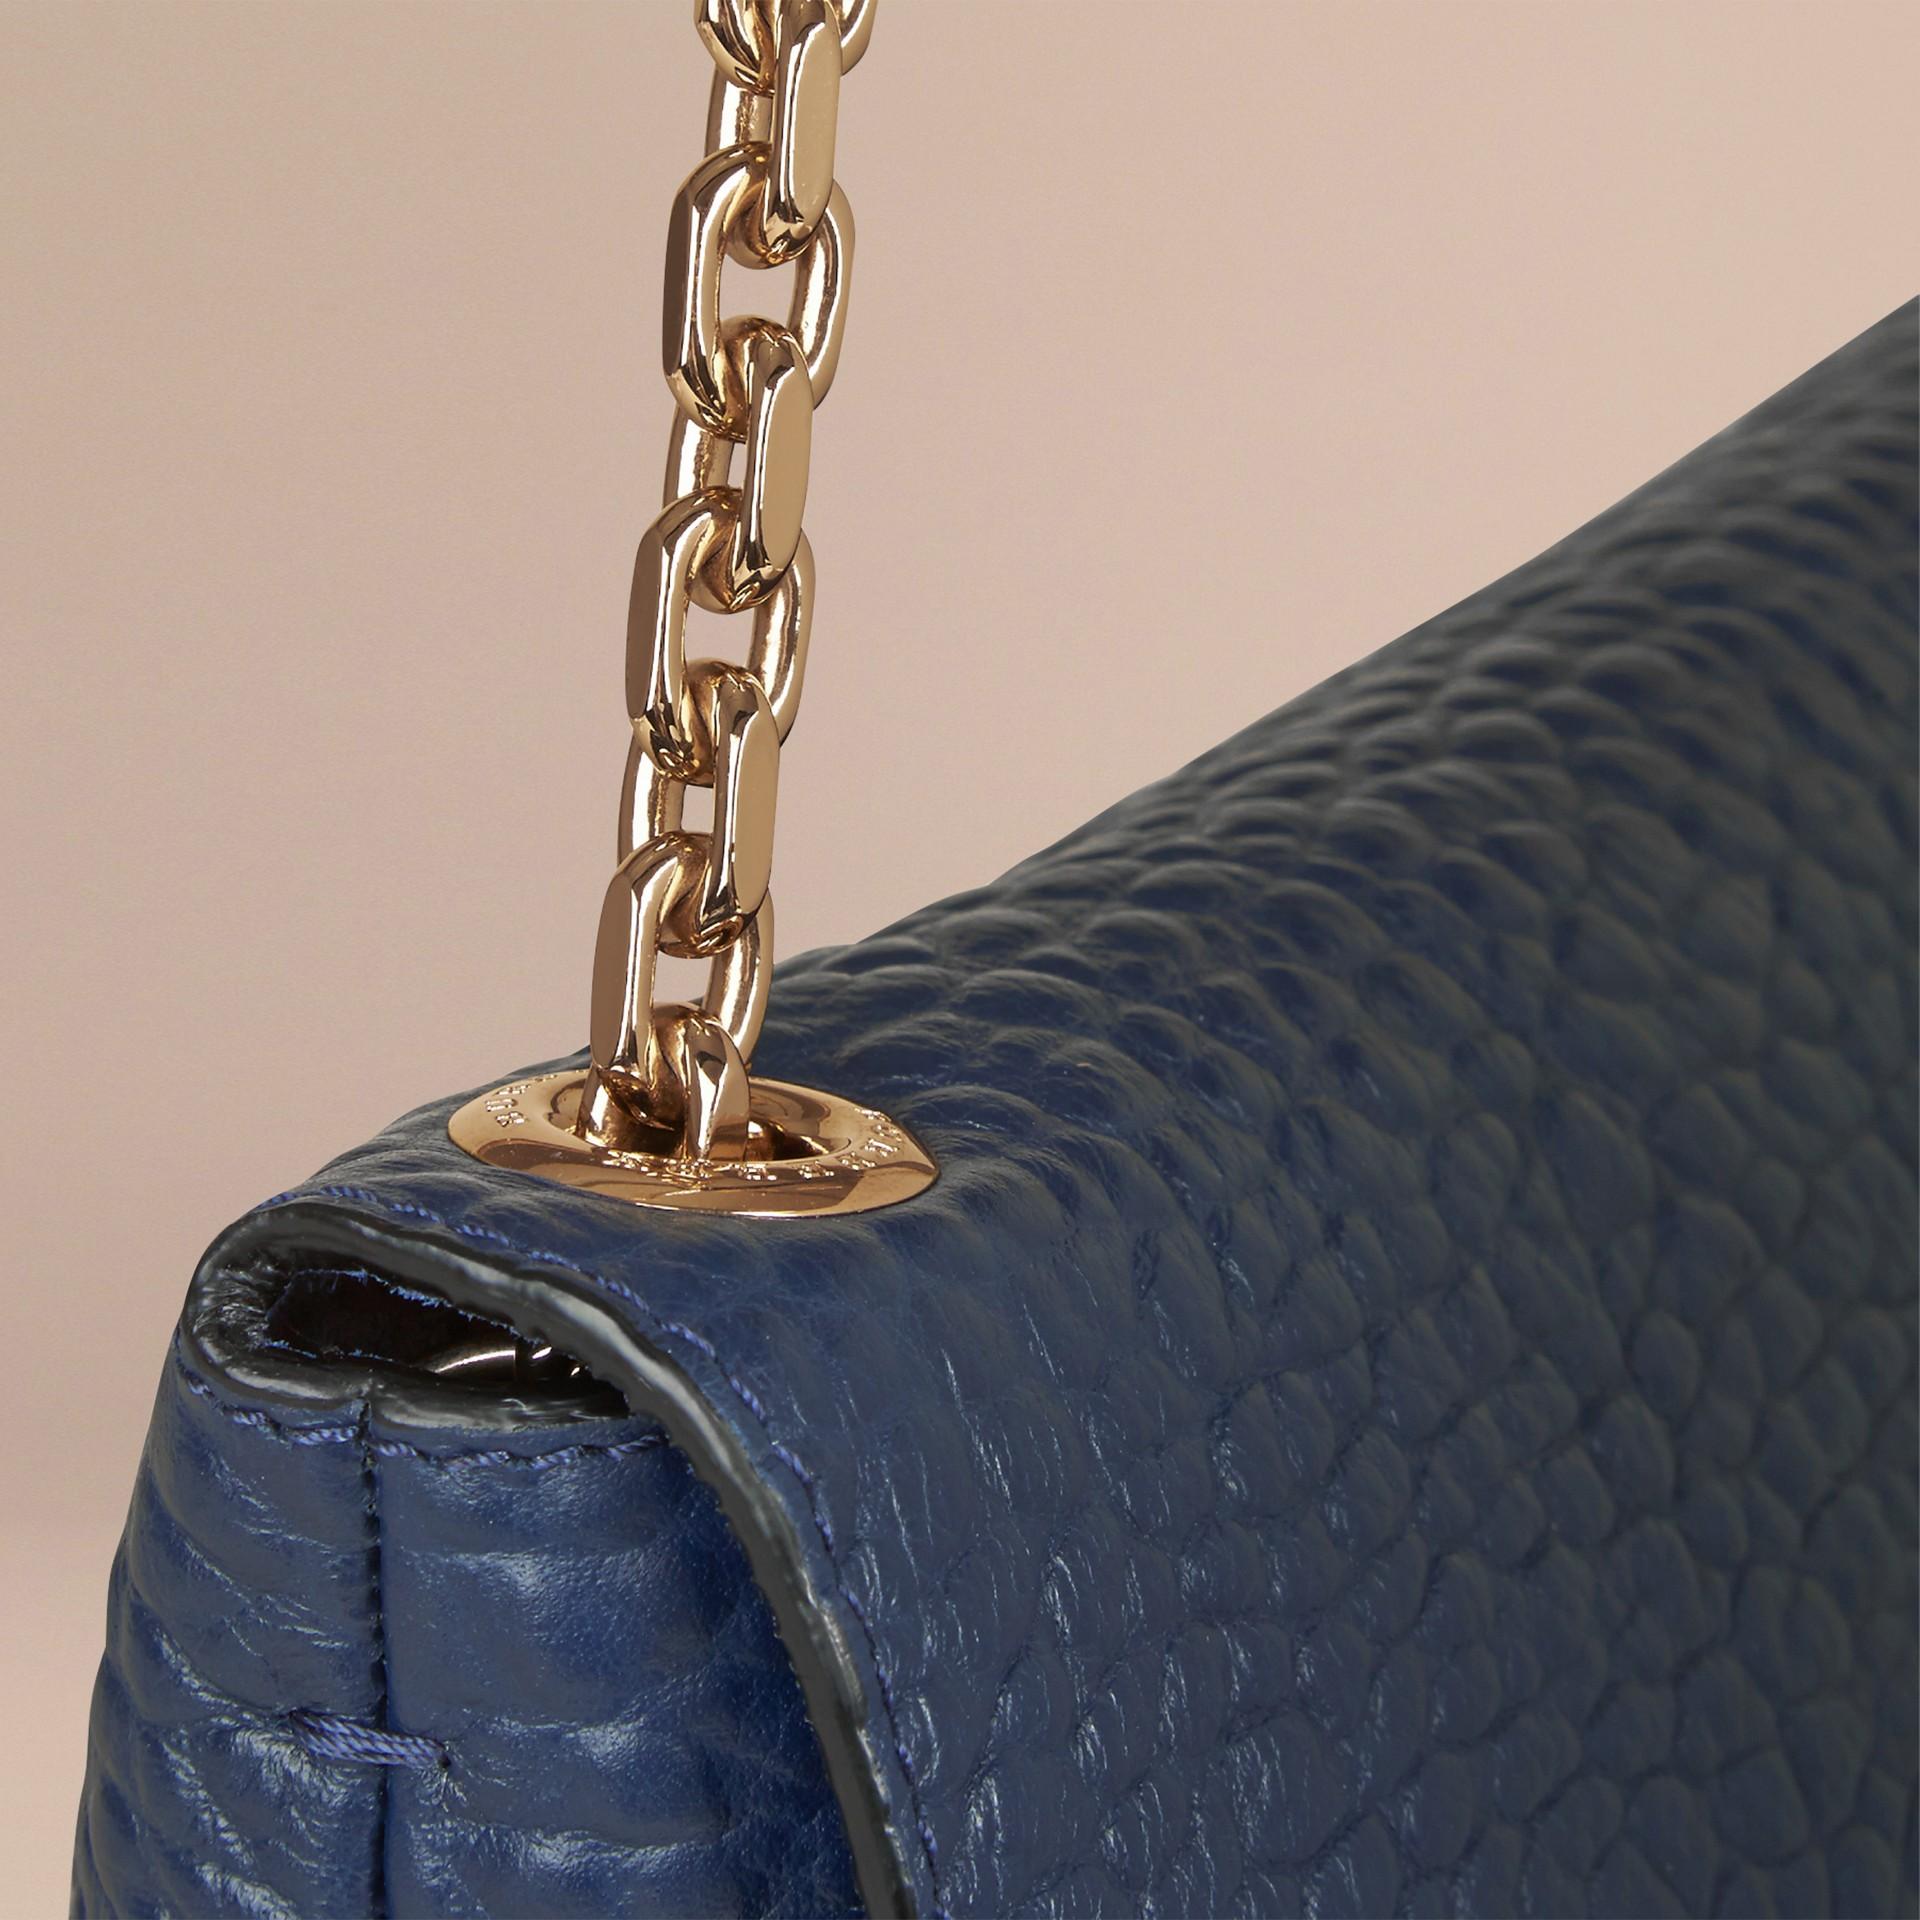 블루 카본 라지 시그니처 그레인 가죽 숄더백 블루 카본 - 갤러리 이미지 6